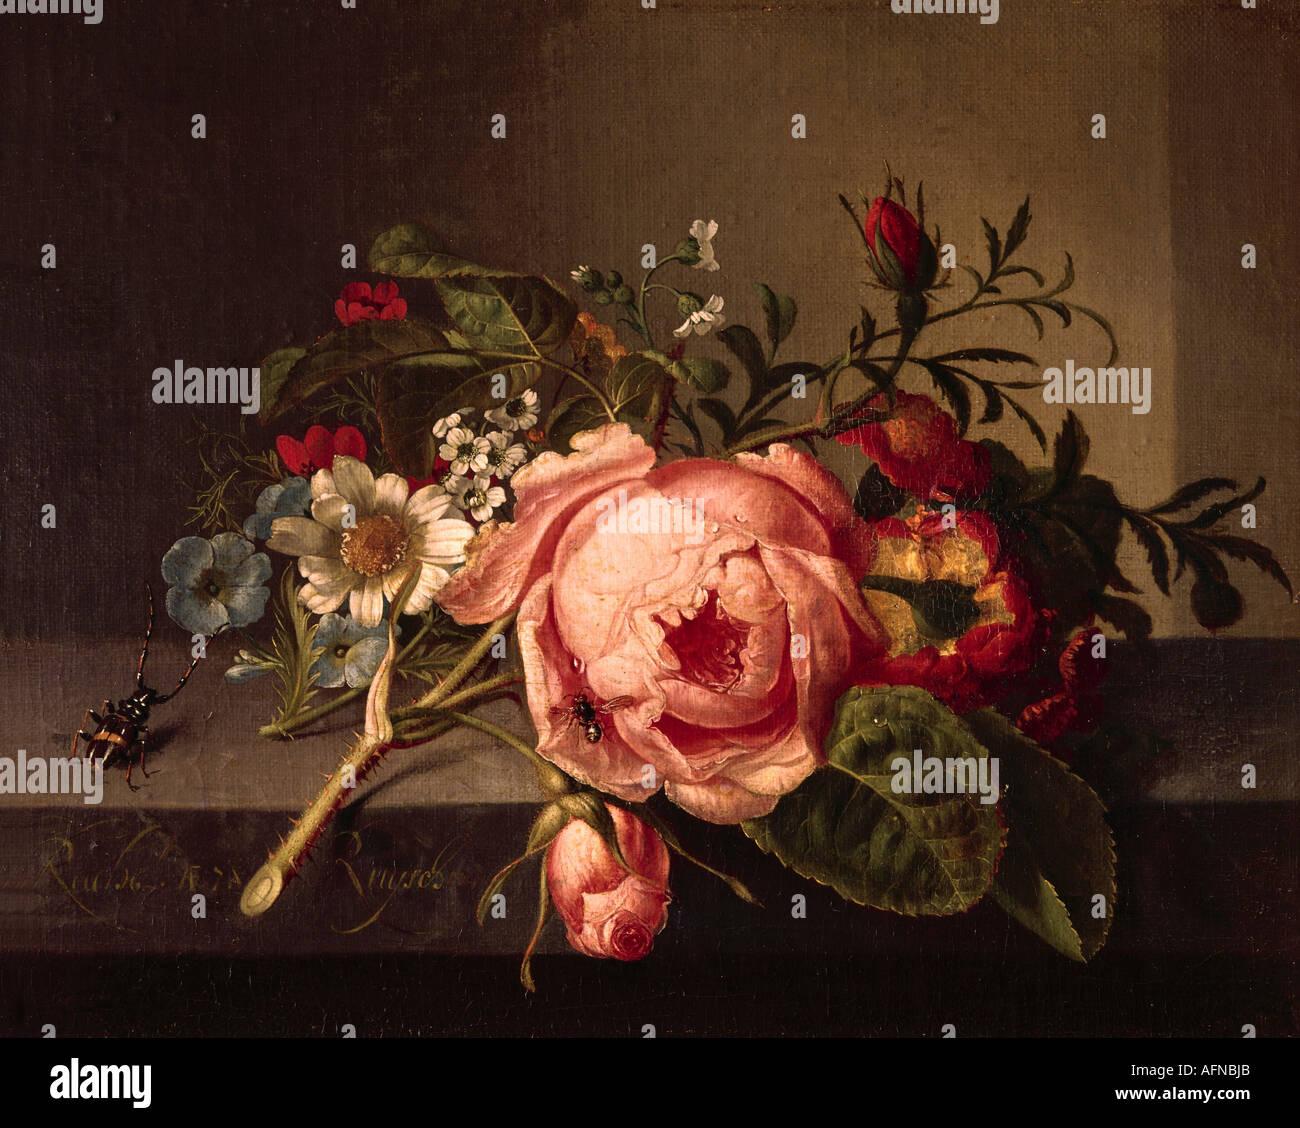 """'Fine Arts, Ruysch, Rachel, (1664 - 12.8.1750), peinture, 'Rosenzweig mit Käfer und Öffentliche Kunstsammlung, Biene"""", Banque D'Images"""